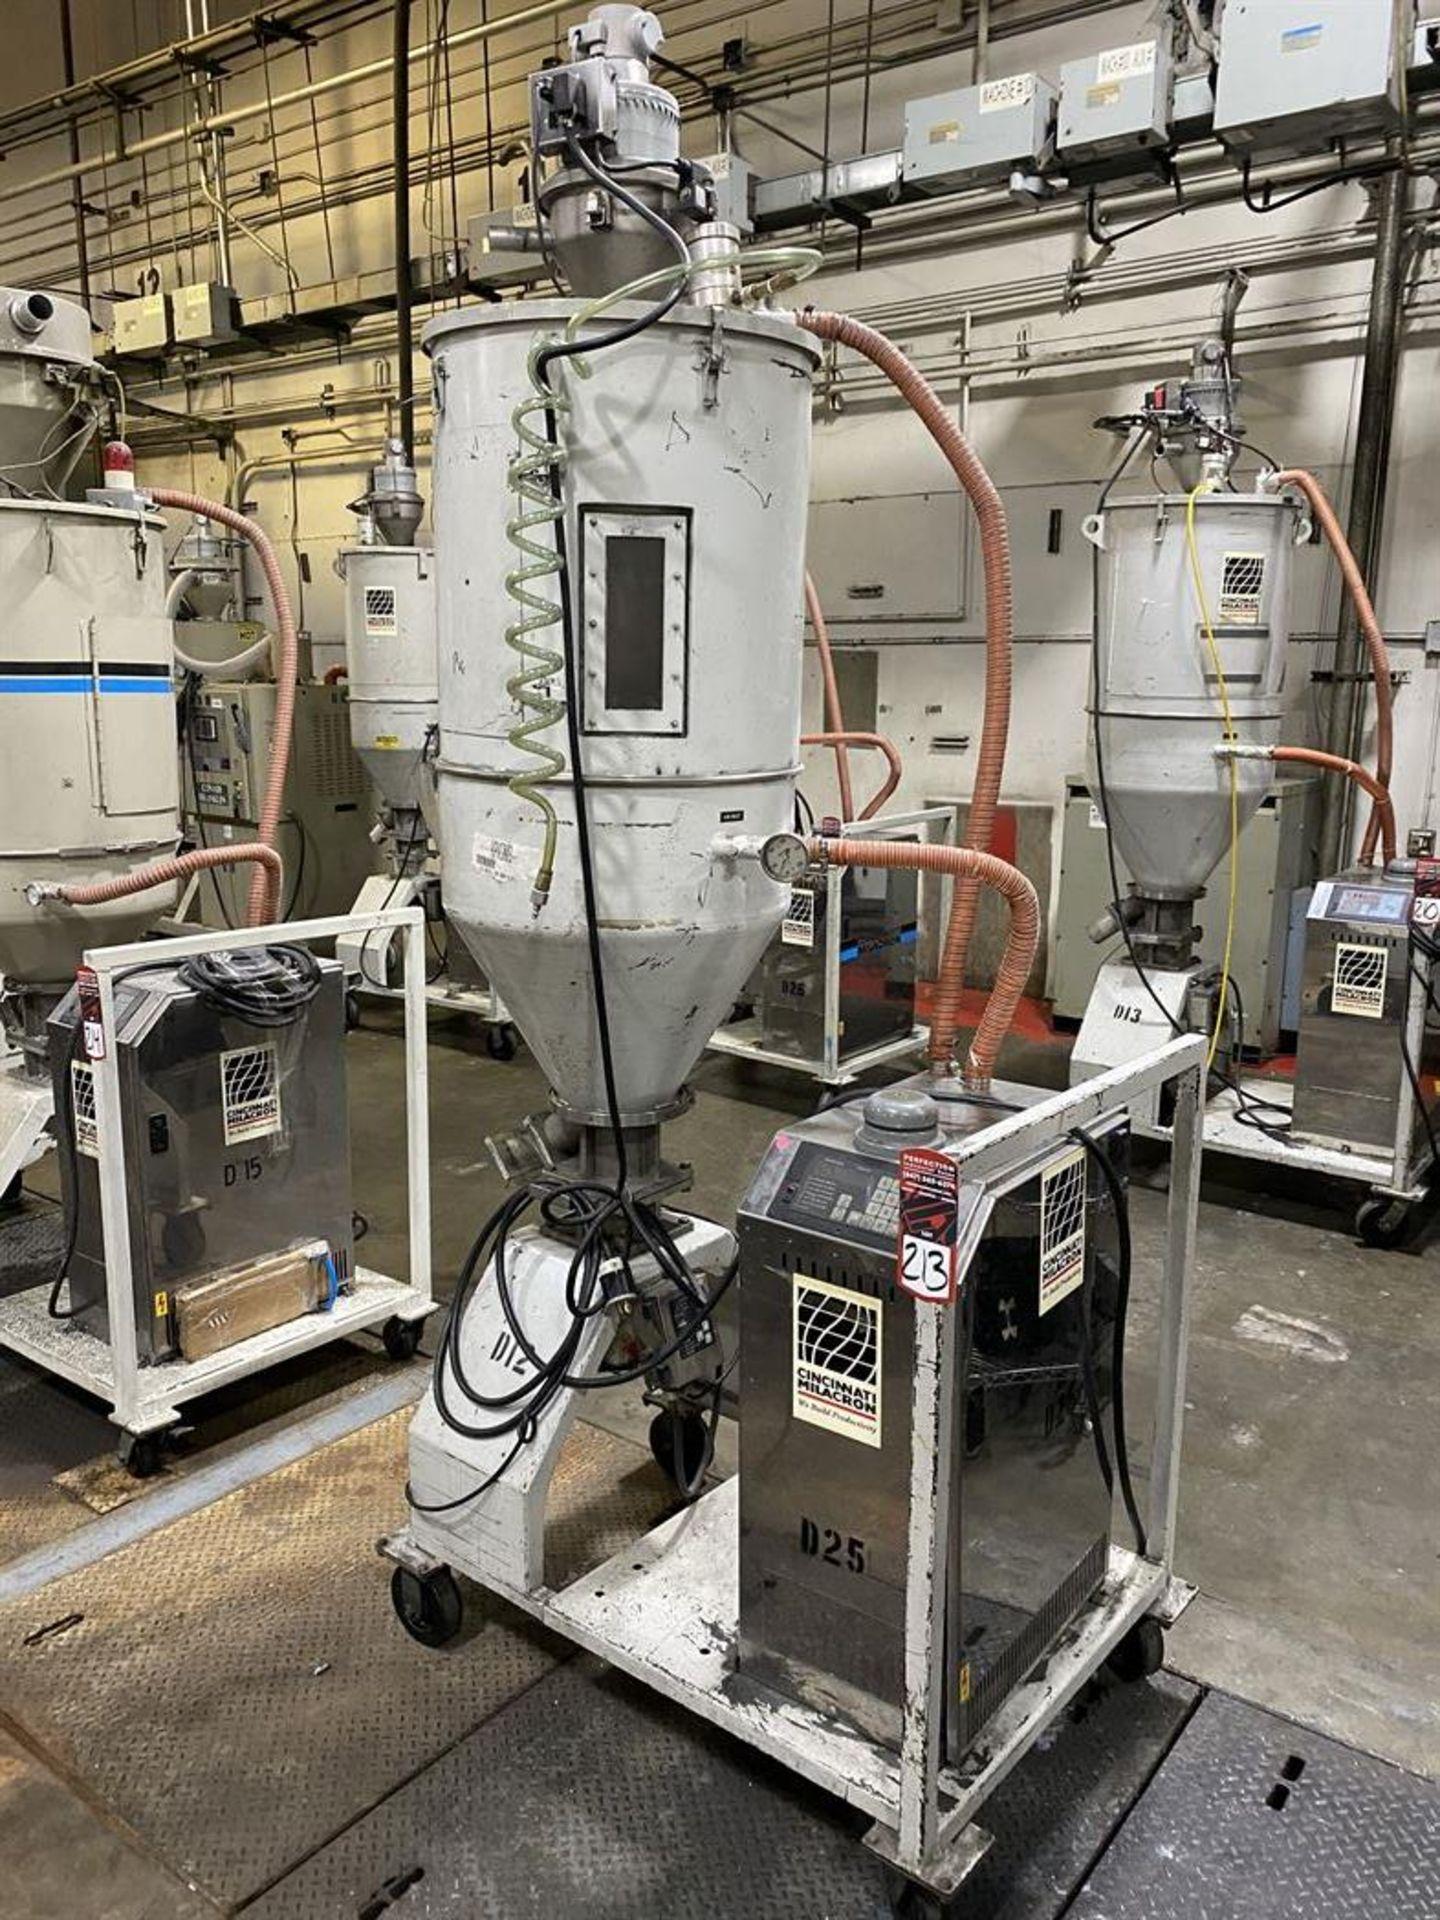 Lot 213 - Cincinnati Milacron DD-110 Hopper Dryer System, s/n 3933A02-02-24, w/ Vacuum Loader